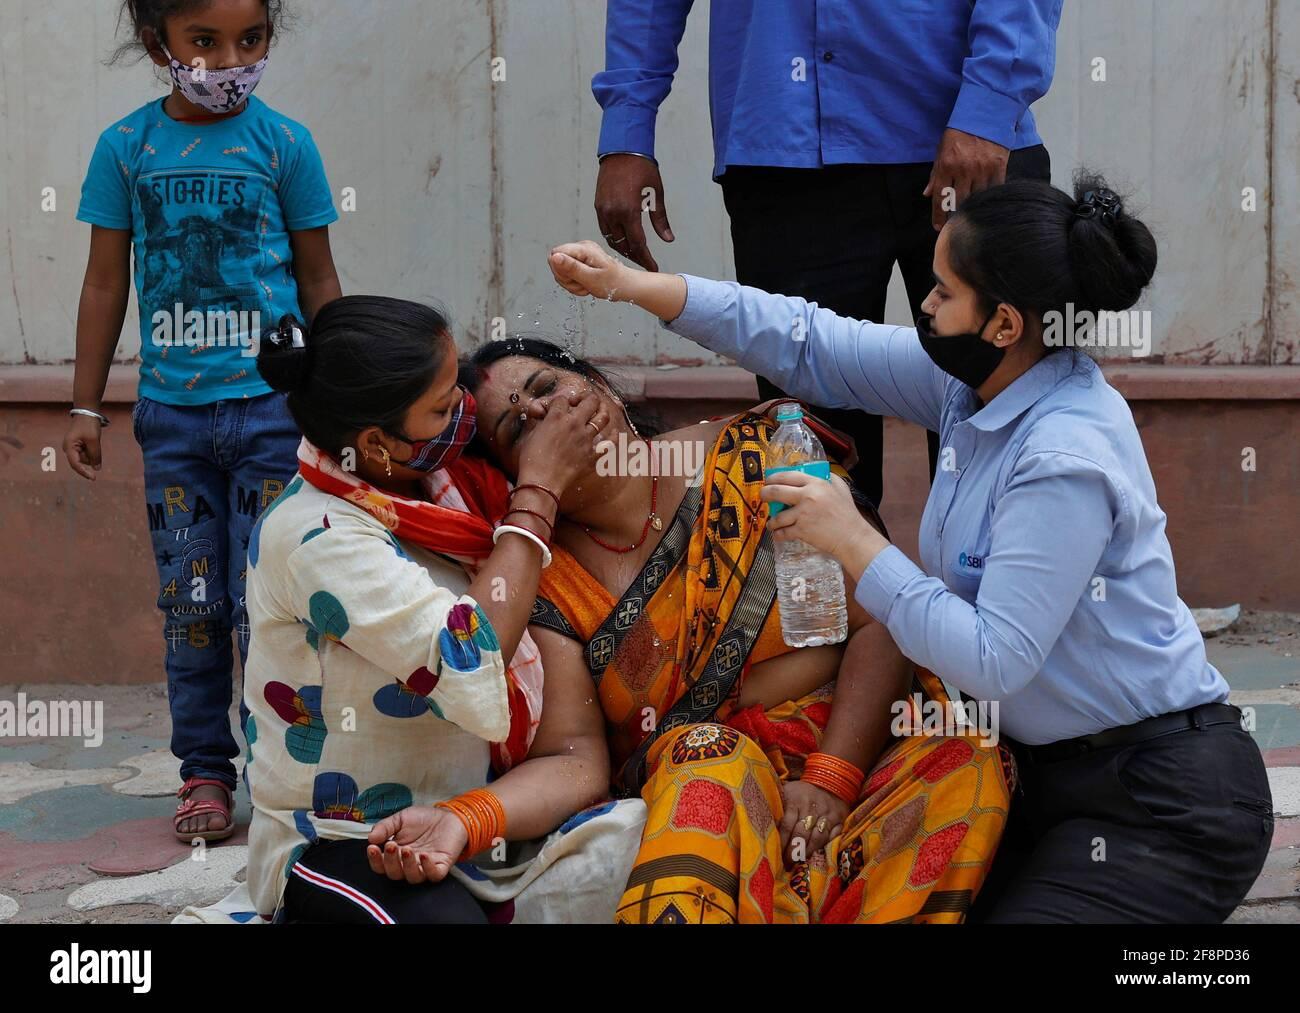 Une femme est consolée après la mort de son mari en raison de la maladie du coronavirus (COVID-19) à l'extérieur d'une morgue d'un hôpital COVID-19 à New Delhi, en Inde, le 15 avril 2021. REUTERS/Siddiqui danois Banque D'Images